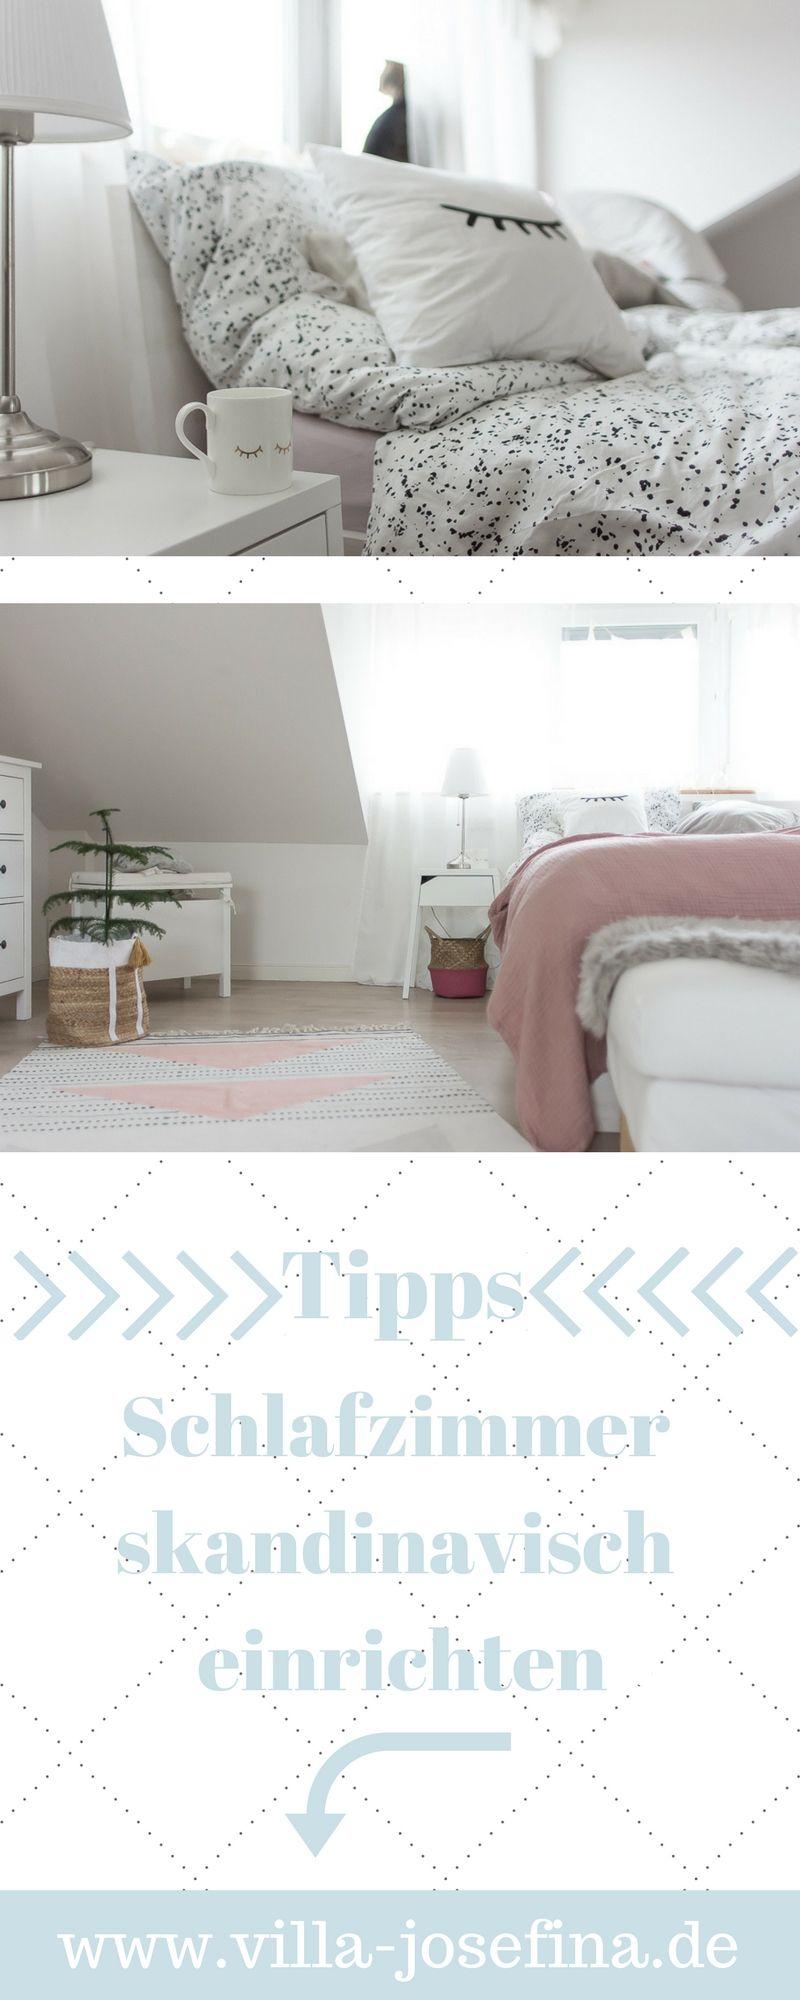 Schlafzimmer Gemütlich Im Skandinavischen Stil Einrichten. Viele Ideen Und  Shoppingtipps Für Euch Auf Dem Blog